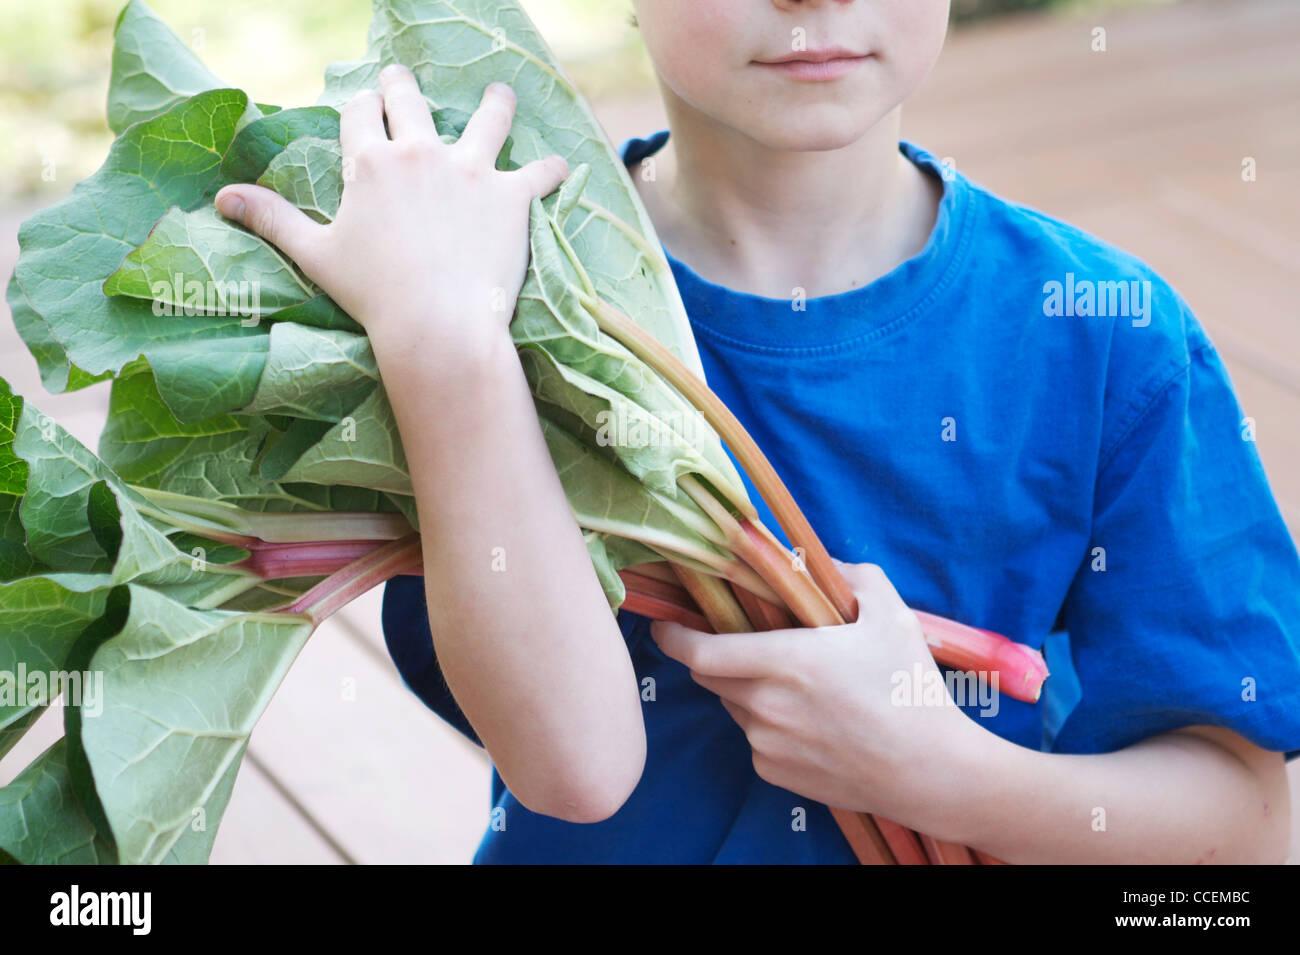 Un giovane bambino azienda appena raccolte rabarbaro organico dal suo giardino. Ingrediente perfetto per un sano, Immagini Stock